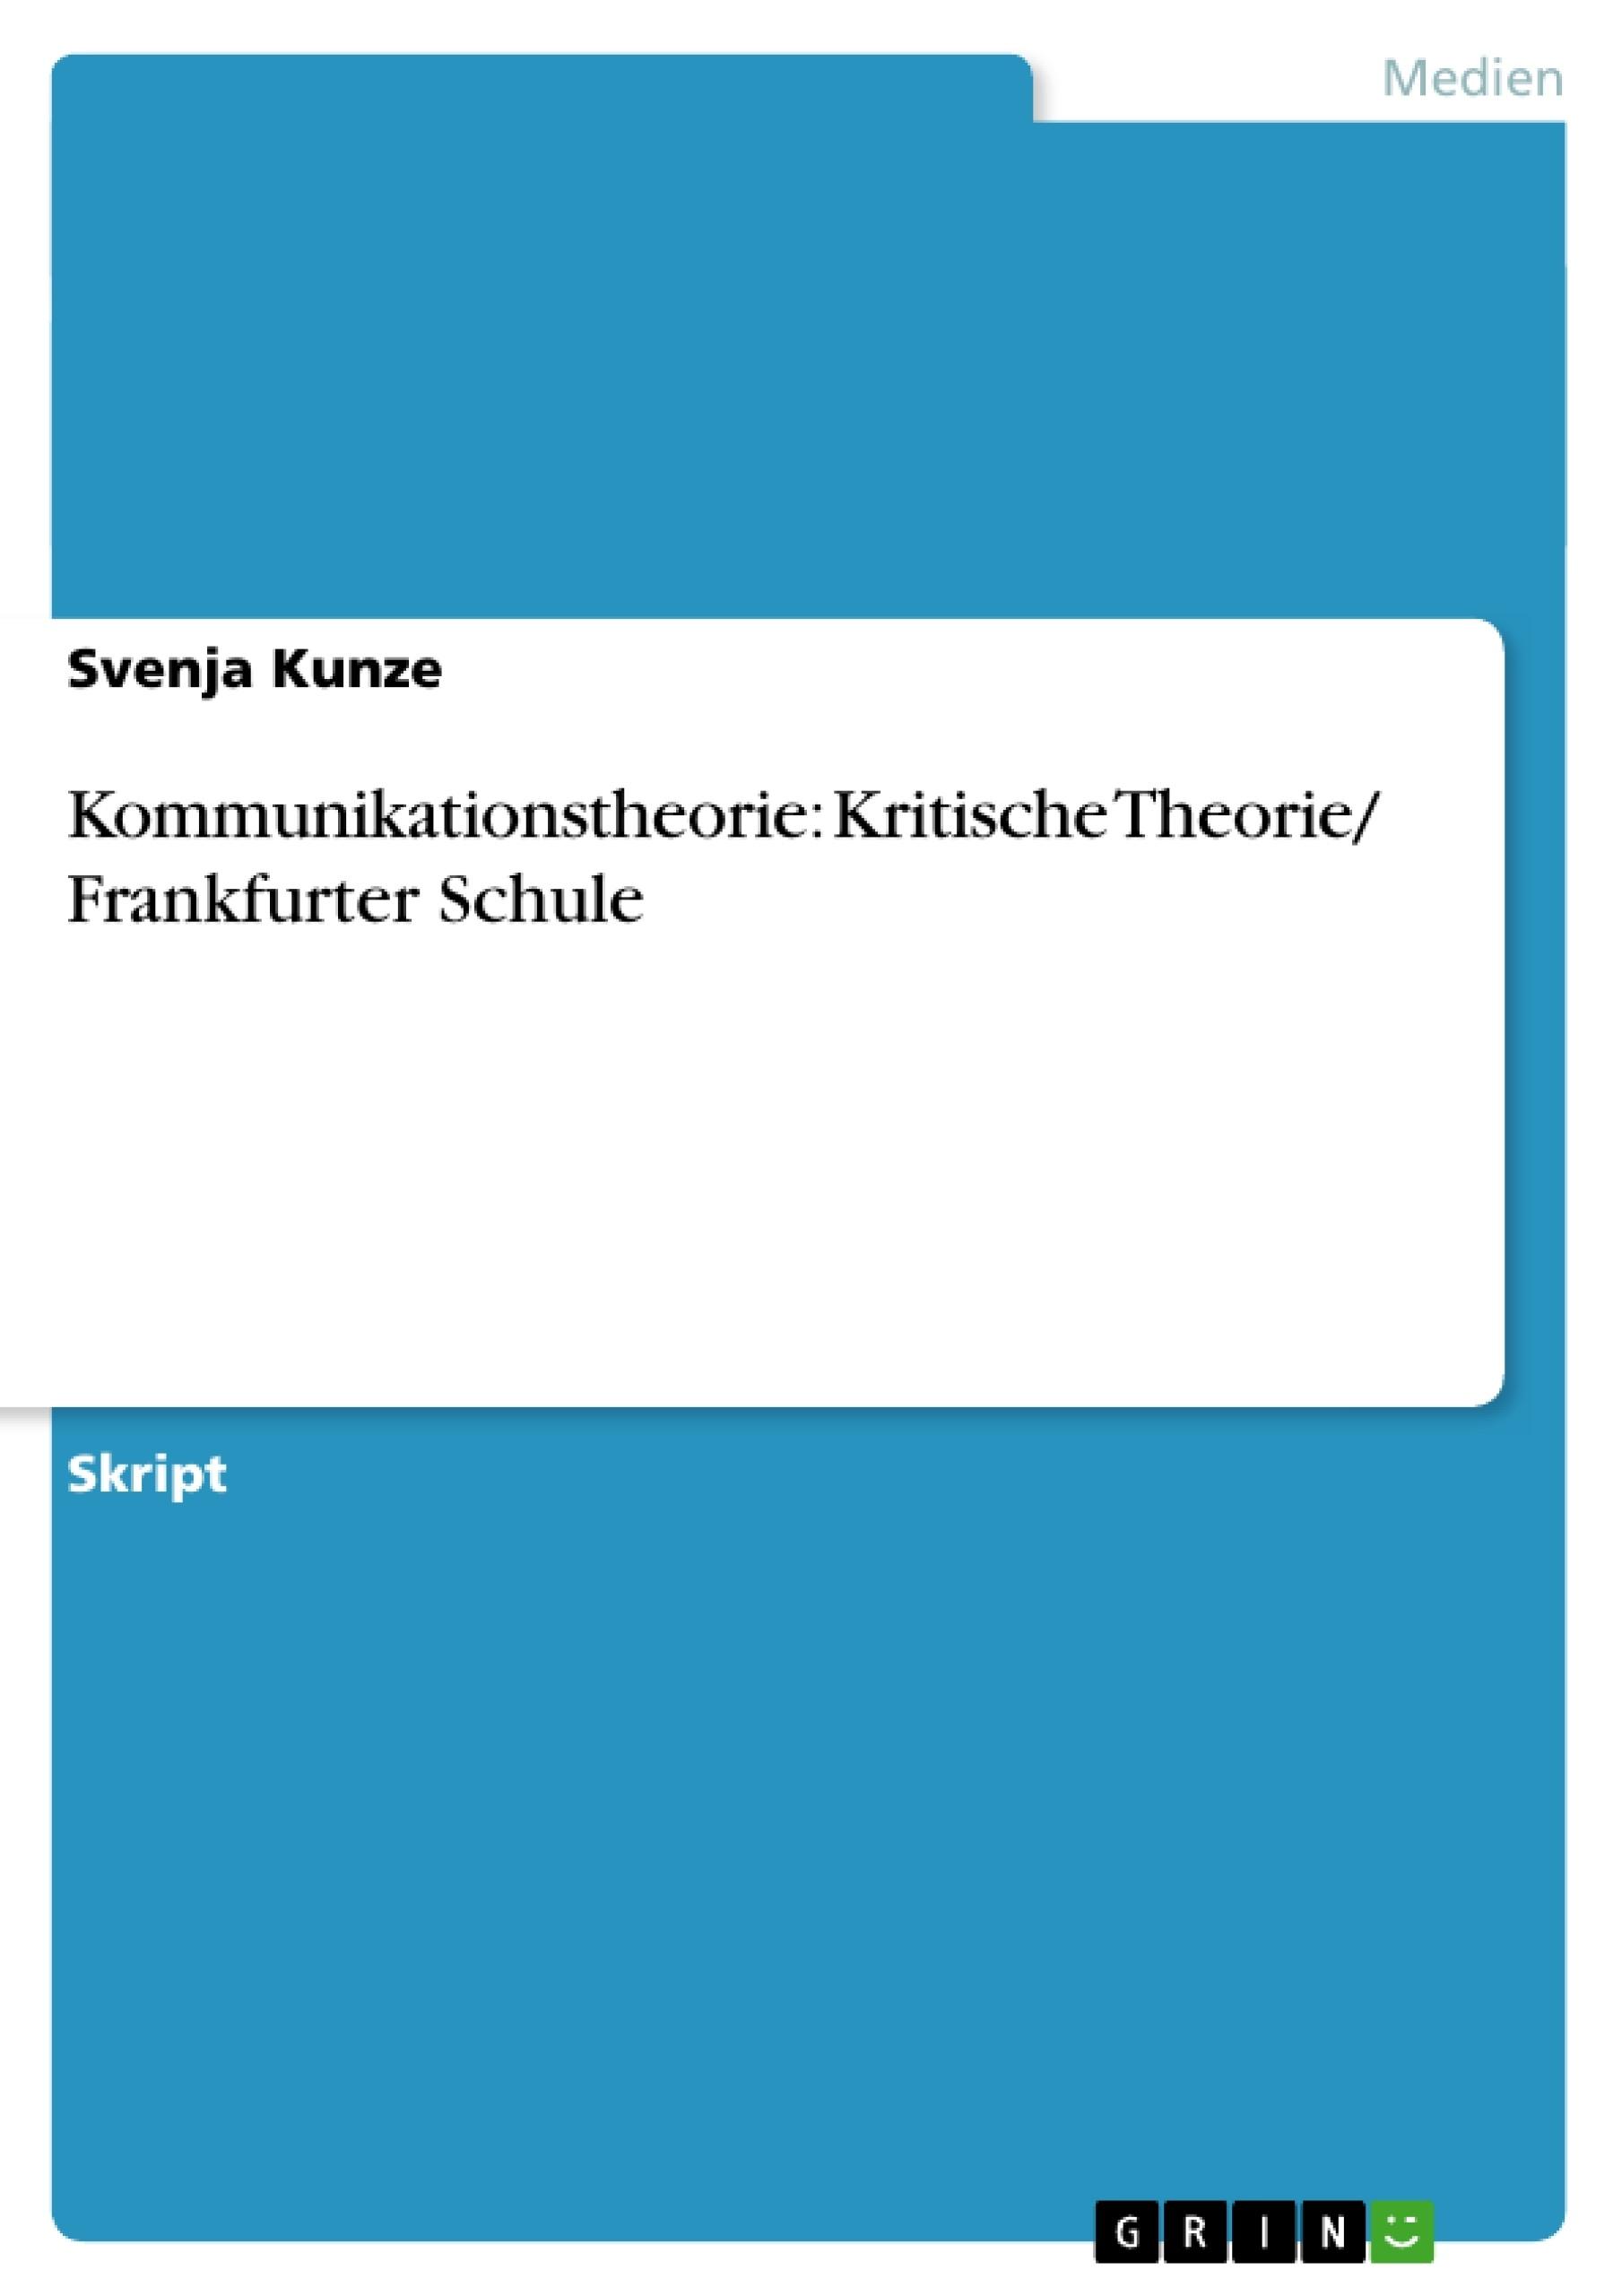 Titel: Kommunikationstheorie: Kritische Theorie/ Frankfurter Schule